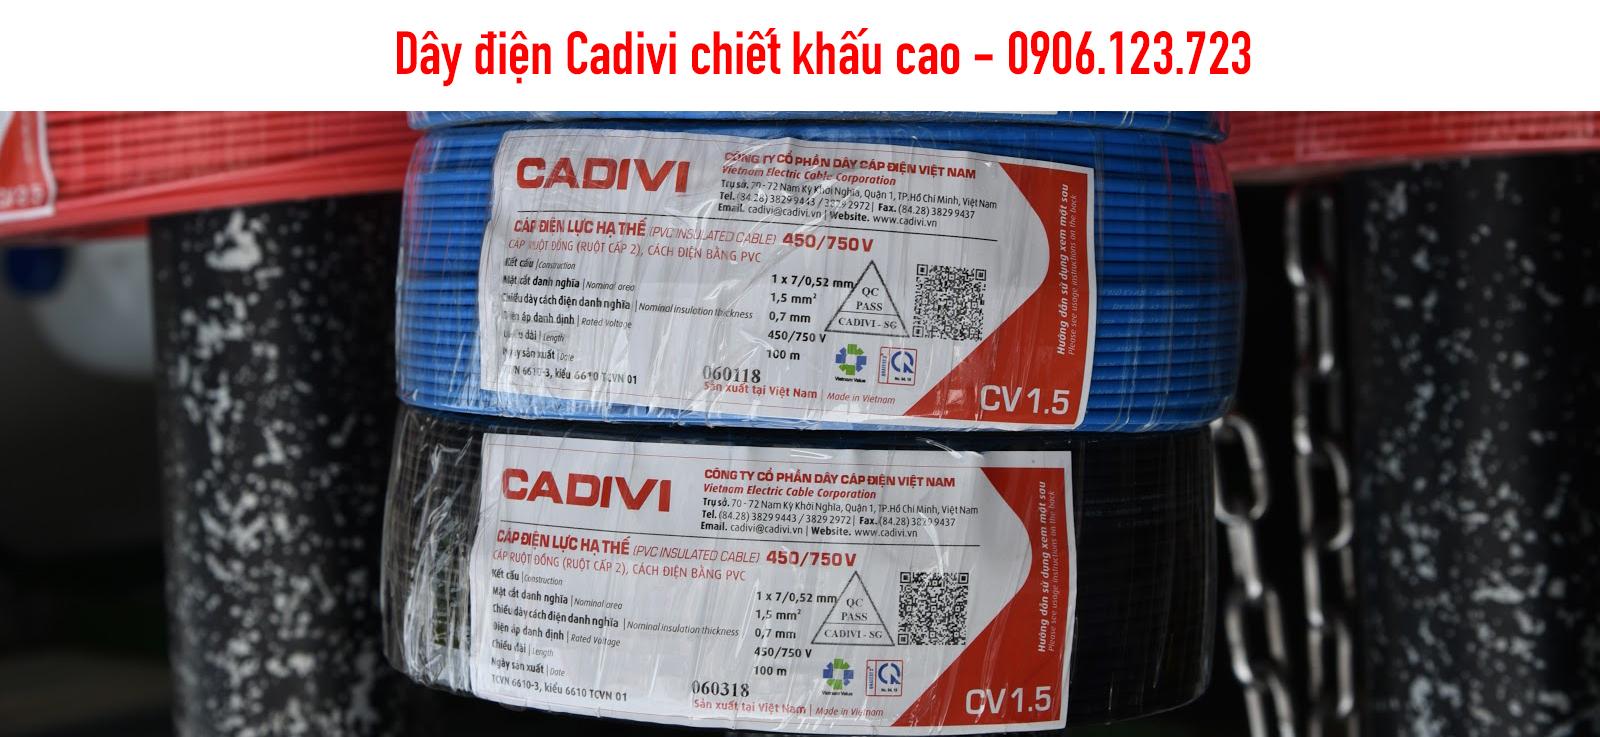 1 Cuộn dây điện Cadivi bao nhiêu mét?